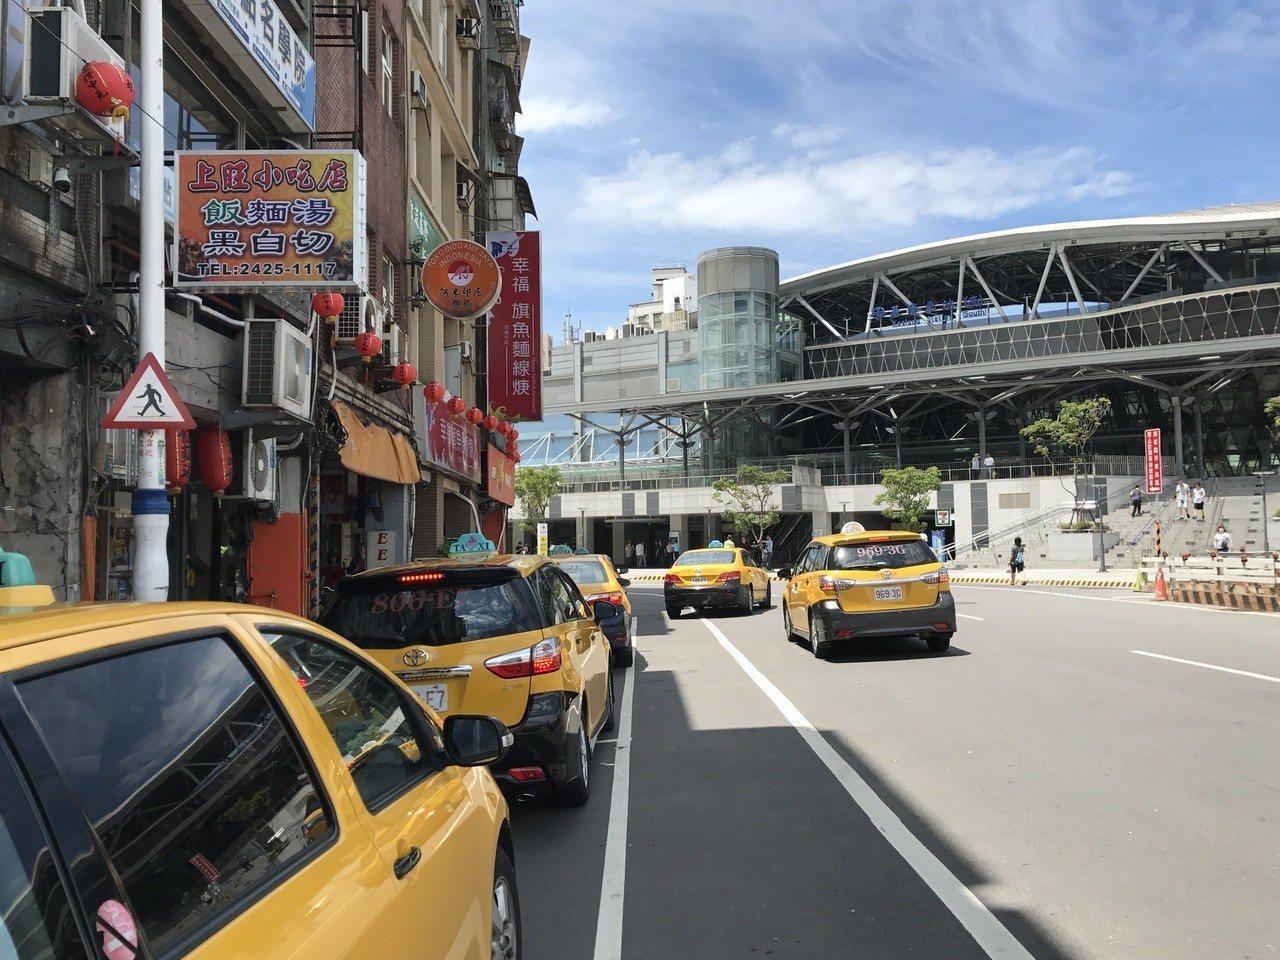 陳姓運匠說,市府規劃火車站兩個計程車排班區,但他們在排班區載不到客人,大家都有家...